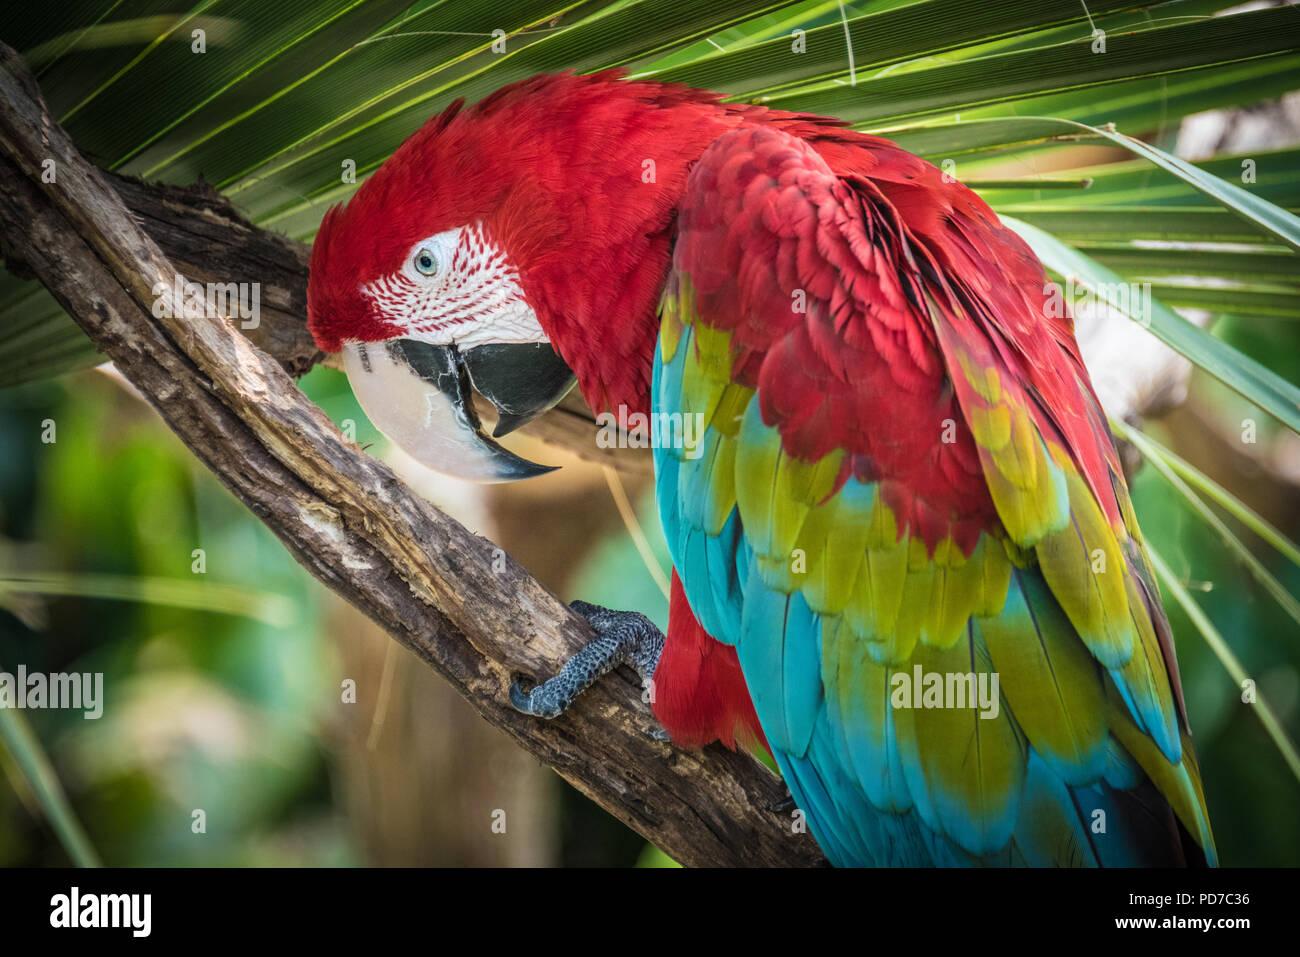 Eine bunte rot-grünen Ara (auch als Green-winged Macaw bekannt) im St. Augustine Alligator Farm Tierpark in St. Augustine, FL. (USA) Stockfoto